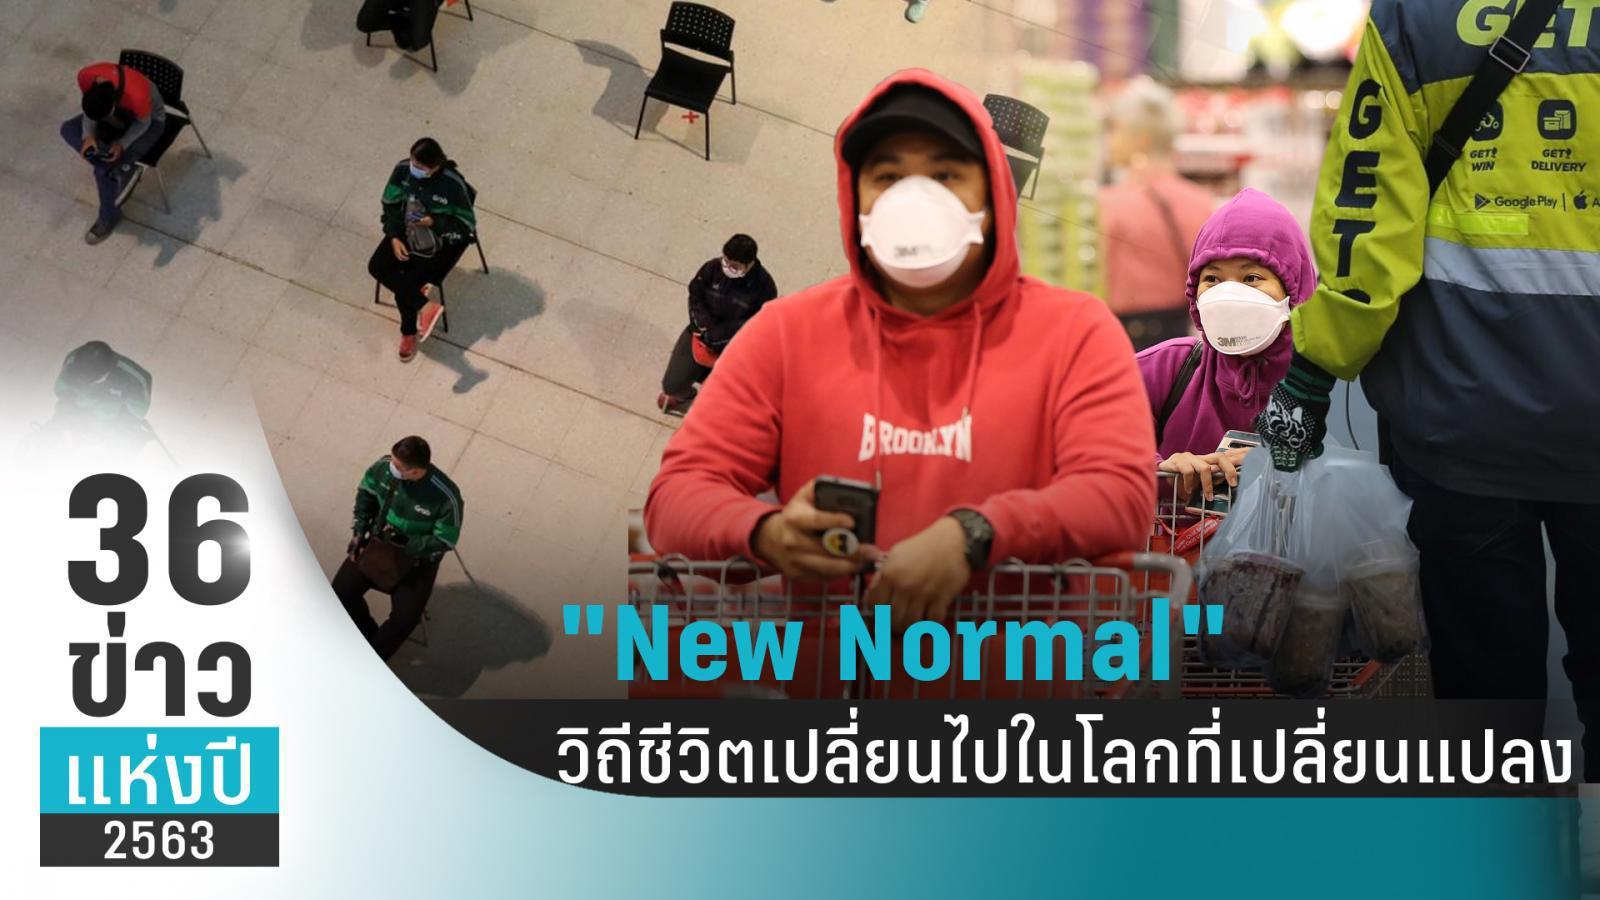 """36ข่าวแห่งปี : """"New Normal"""" วิถีชีวิตที่เปลี่ยนไปในโลกที่เปลี่ยนแปลง"""